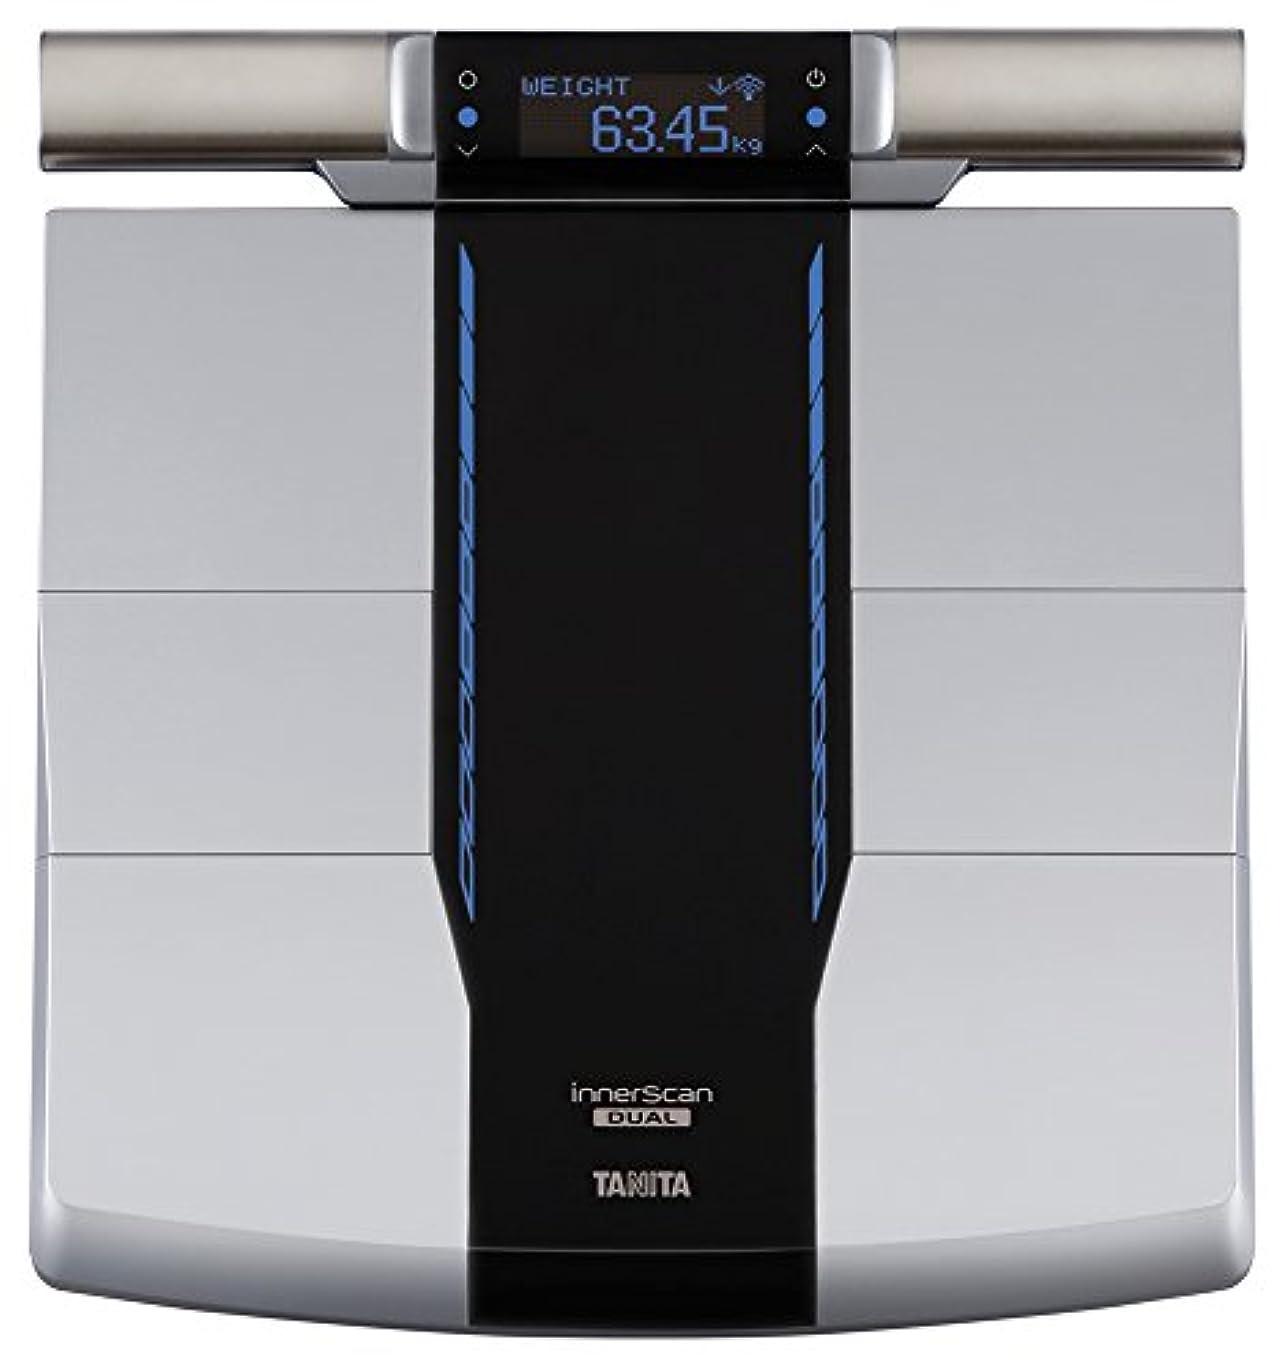 自明一定リングレットタニタ 体組成計 部位別 日本製 RD-800-BK 筋肉の質が分かる 医療分野の技術搭載/スマホでデータ管理 インナースキャンデュアル